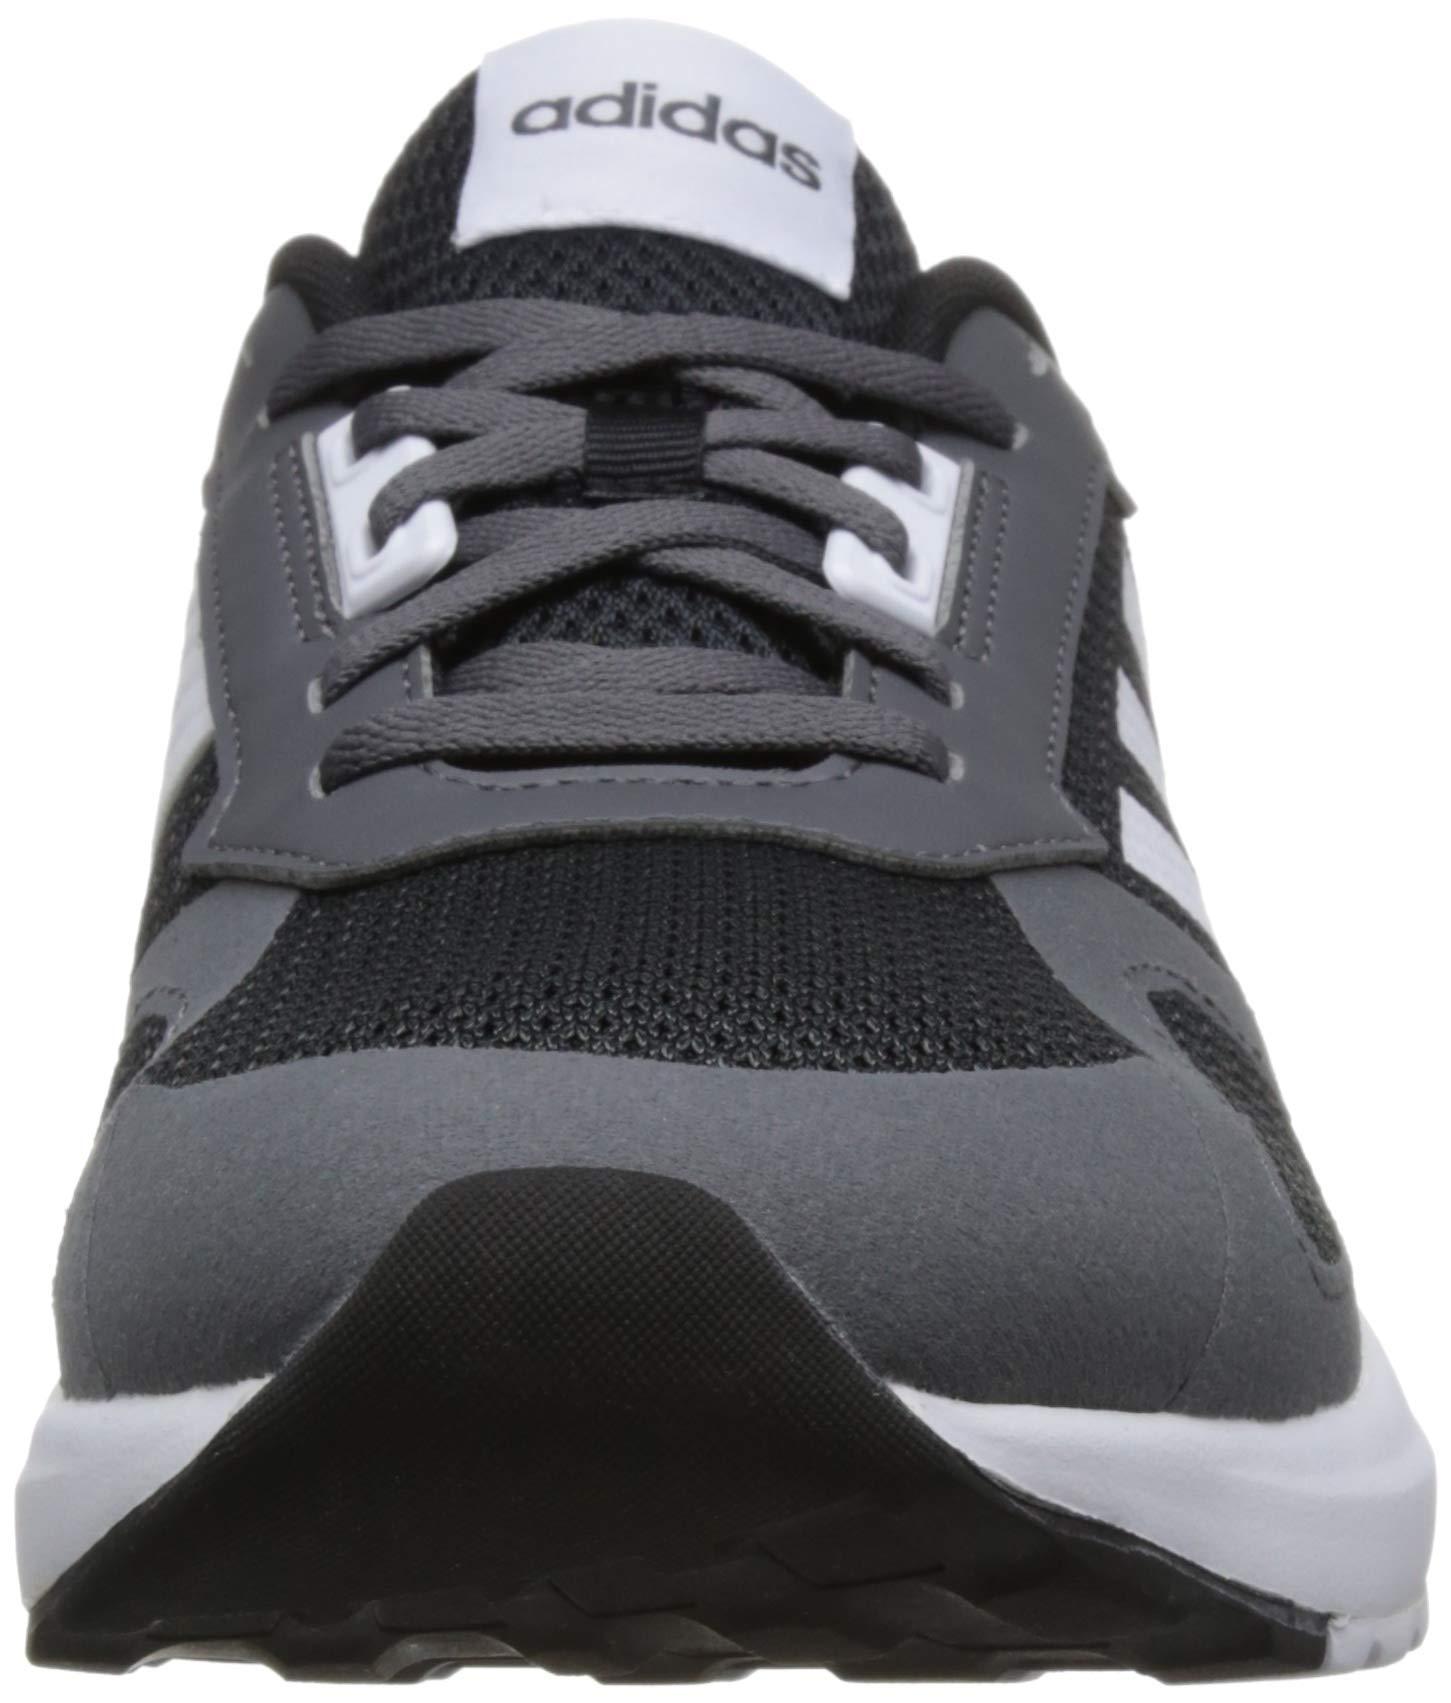 adidas Run80s, Scarpe Running Uomo 4 spesavip